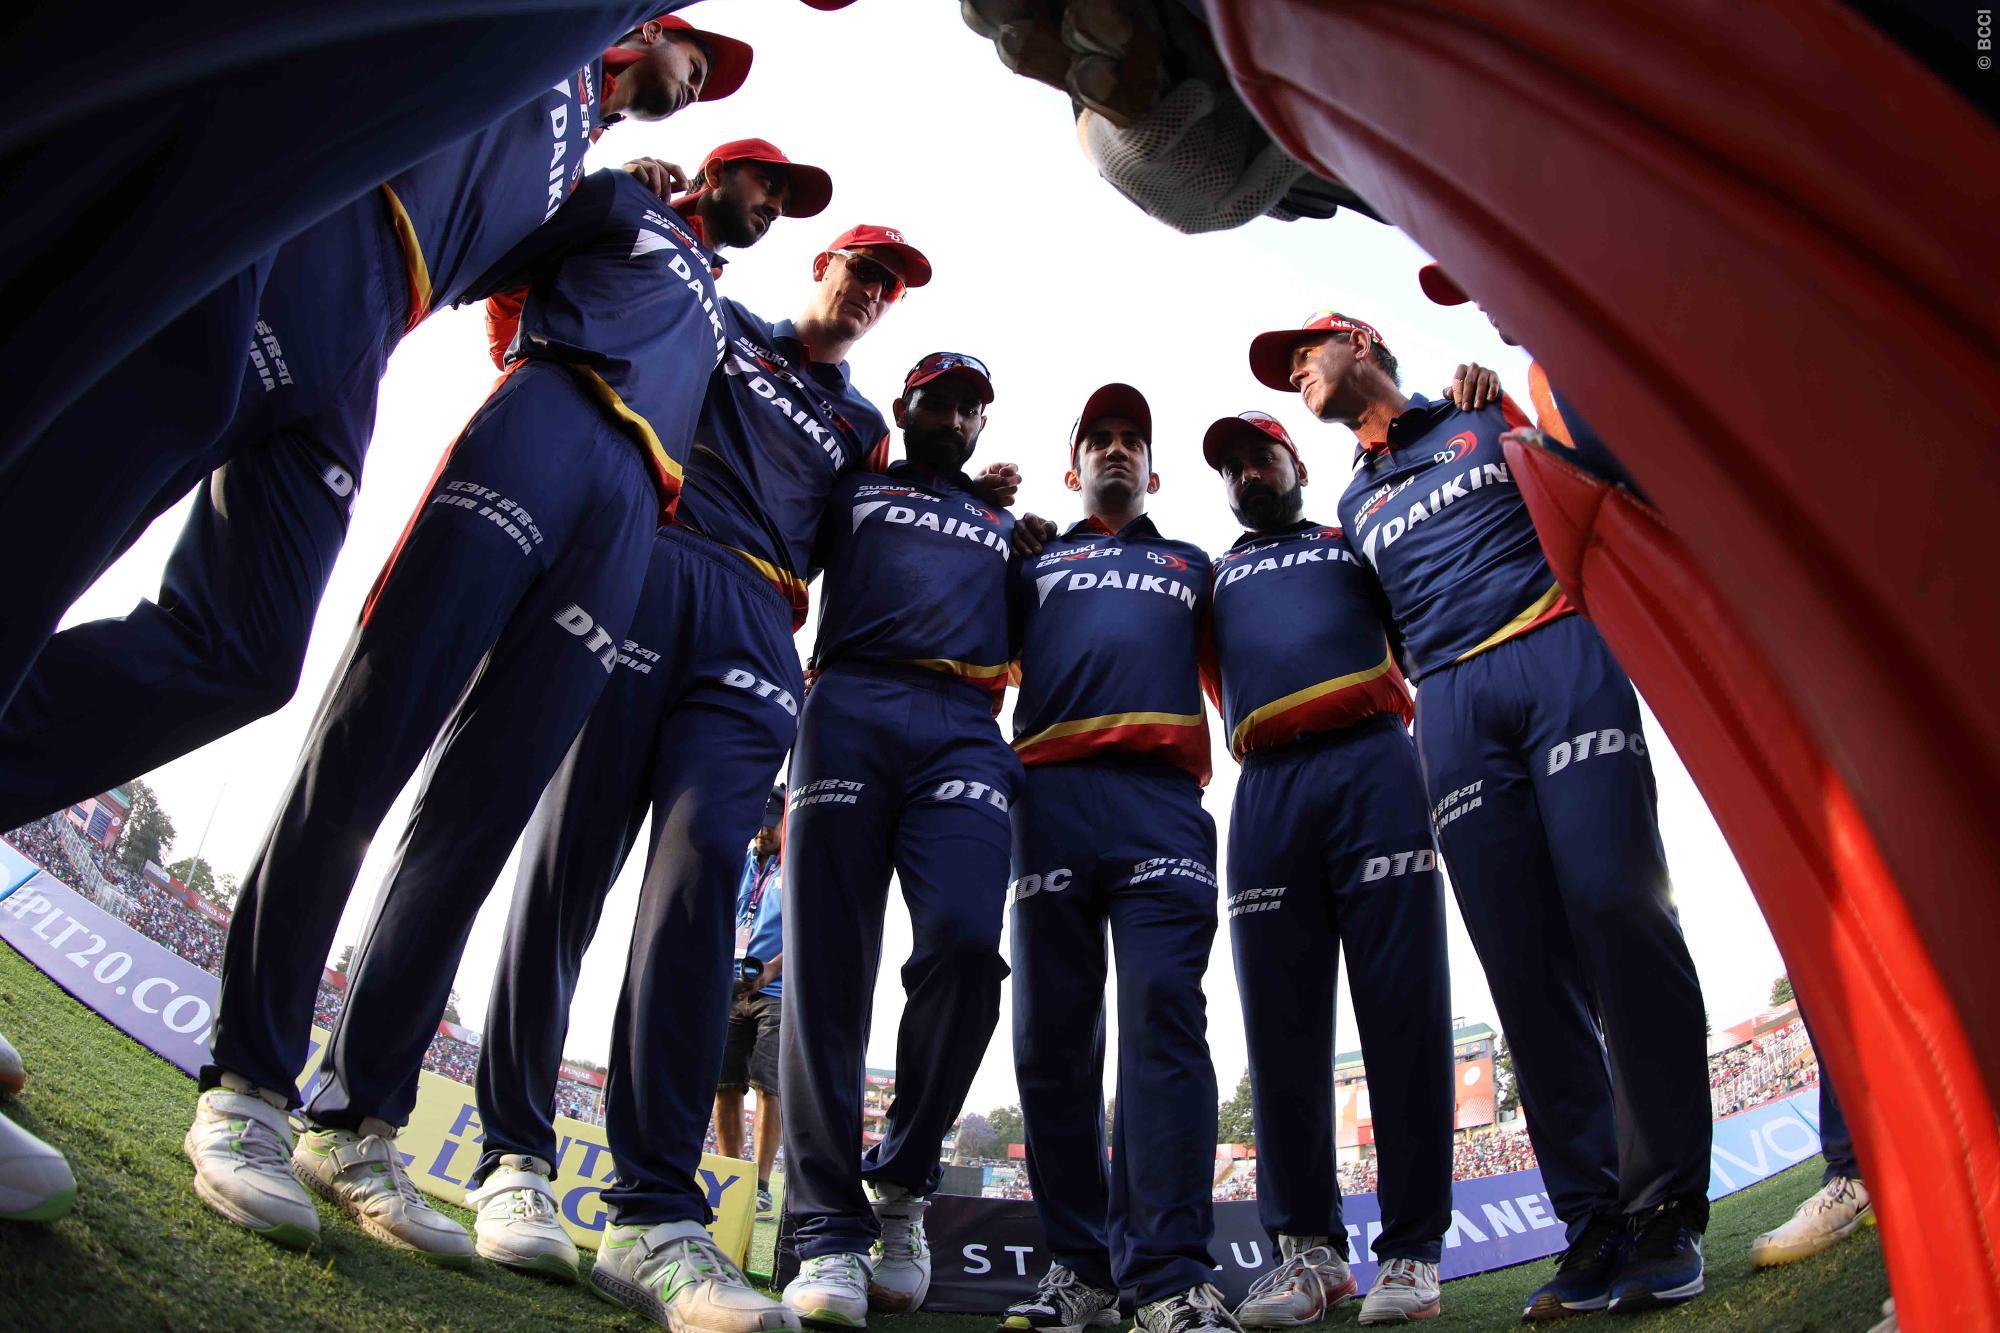 प्लेयर रेटिंग- दिल्ली डेयरडेविल्स की हार के बाद कुछ ऐसी रही दिल्ली के खिलाड़ियों की प्लेयर रेटिंग 1